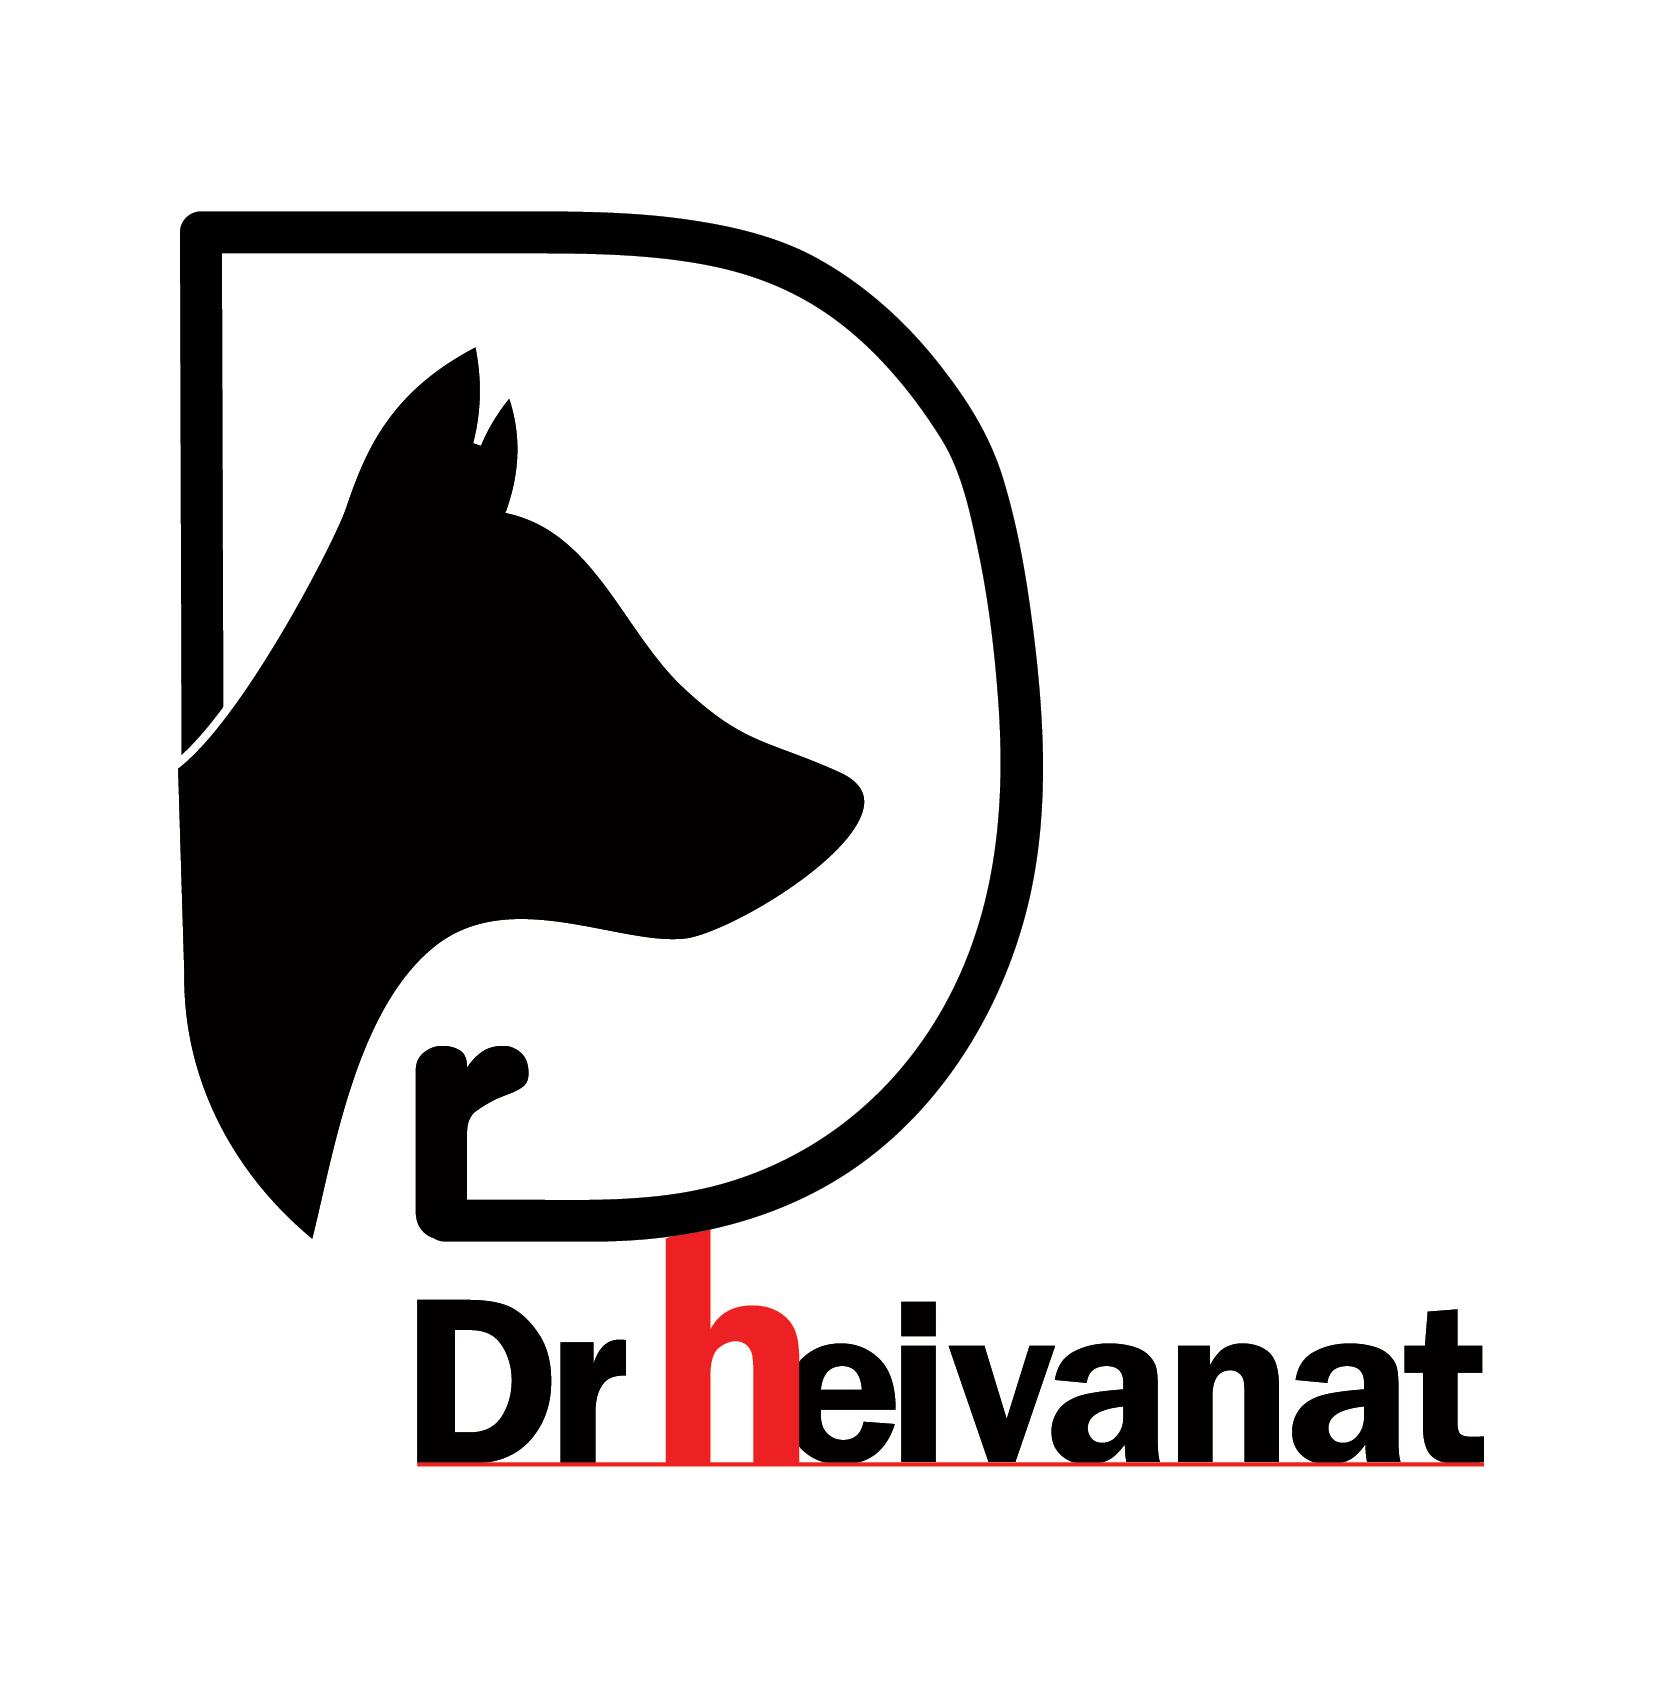 لوگو دکتر حیوانات